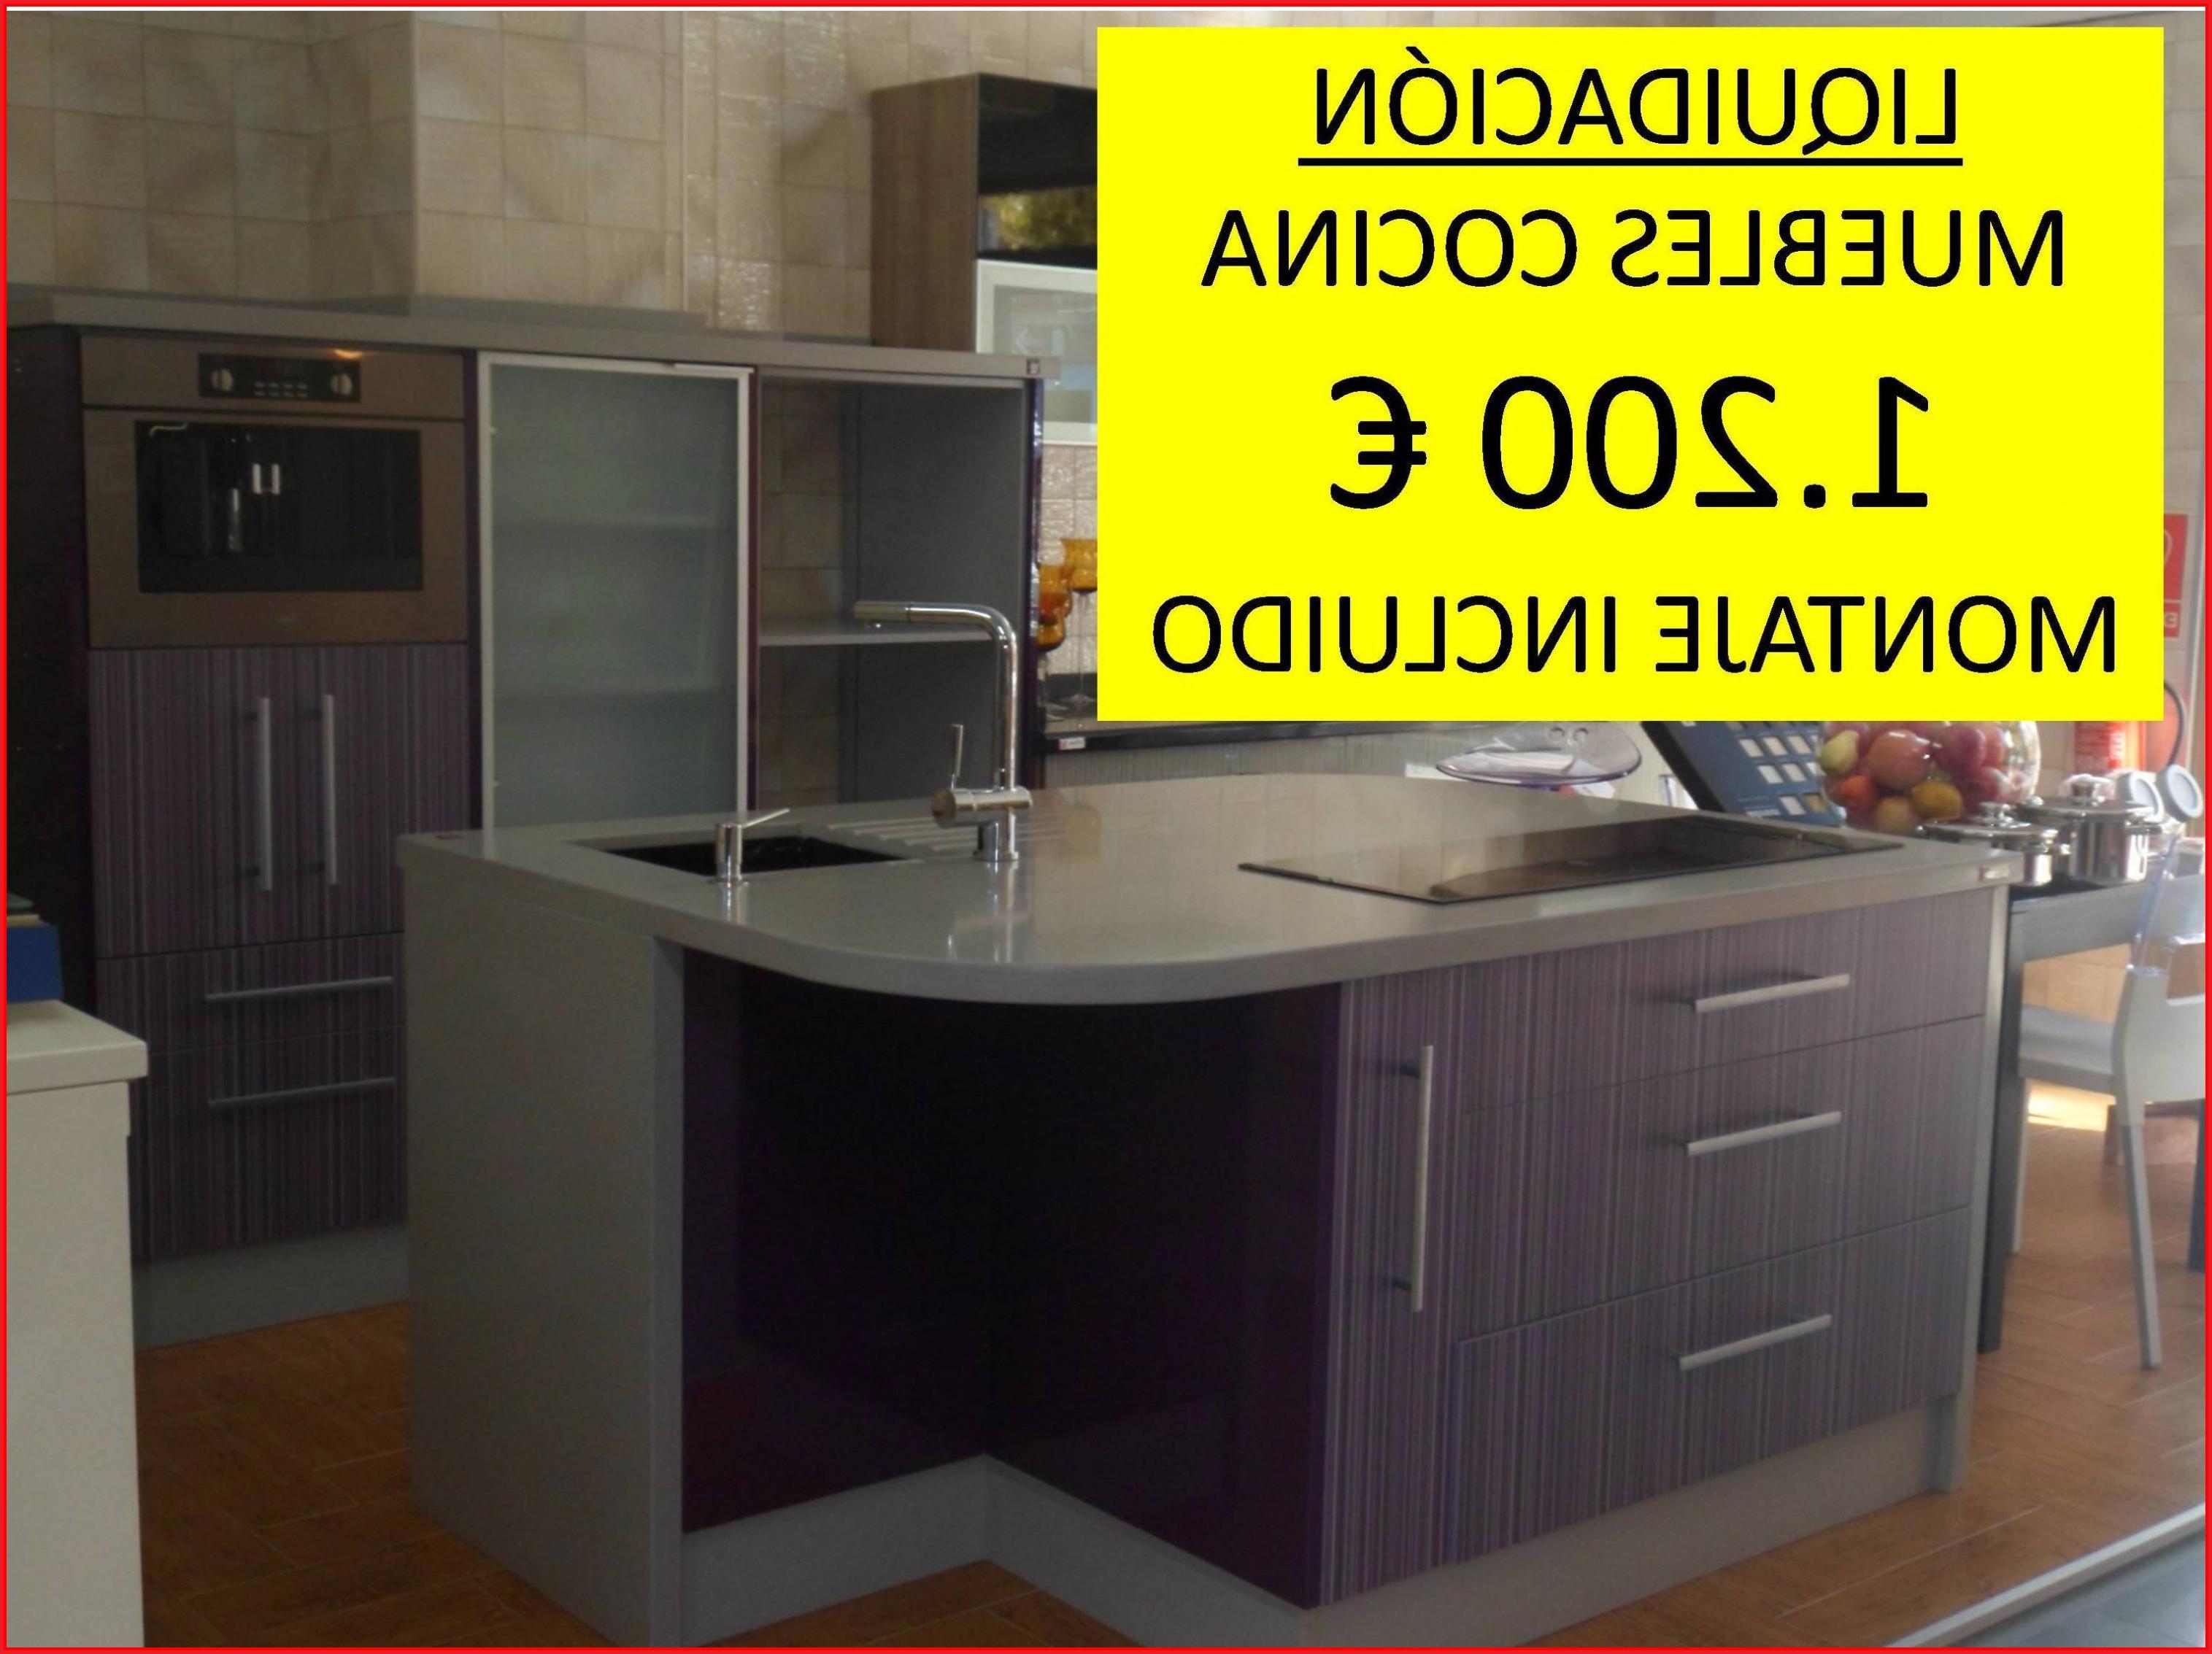 Muebles De Cocina De Exposicion Y7du Exposicion De Muebles De Cocina Liquidacion De Muebles De